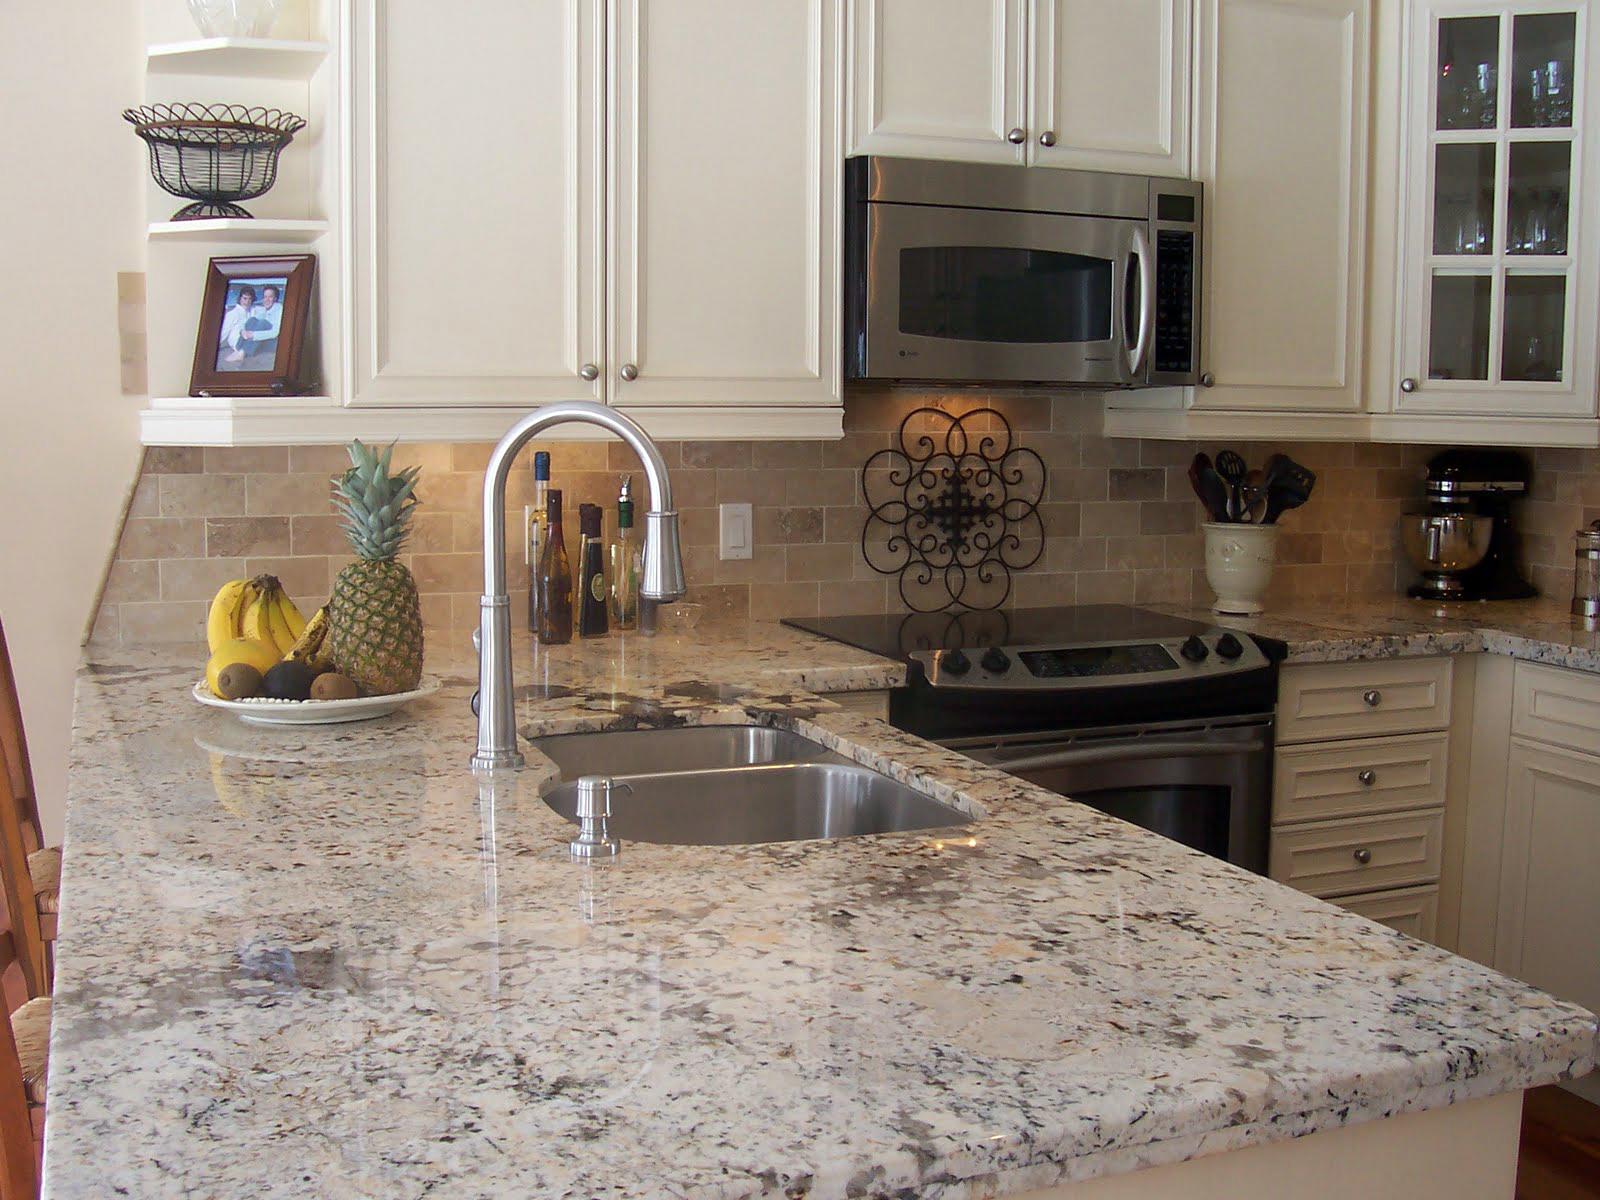 granite kitchen countertops pics photo - 3